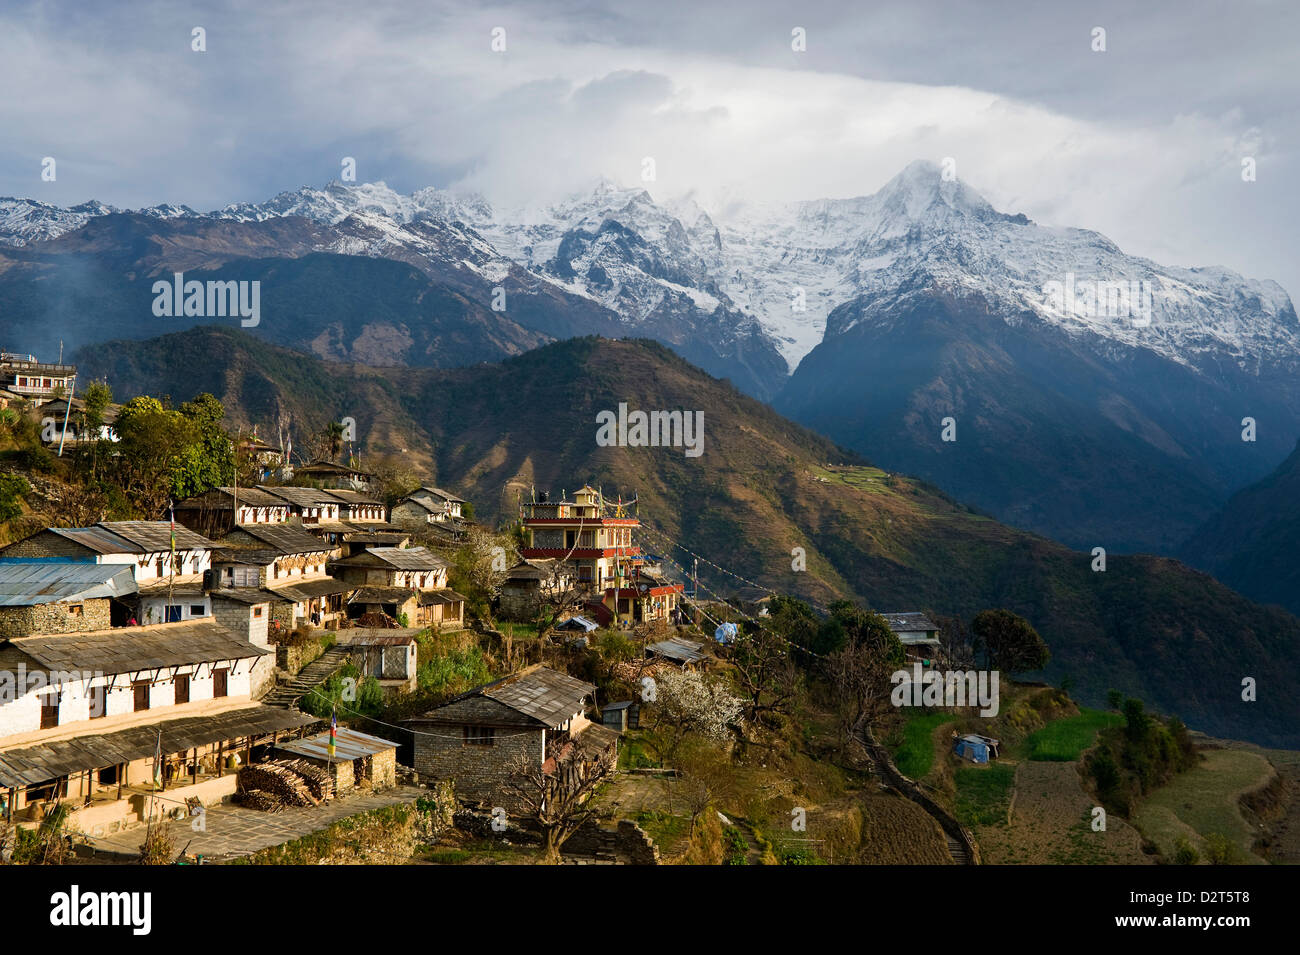 Ghandruk, 1990 metres, Annapurna Himal, Nepal, Himalayas, Asia - Stock Image